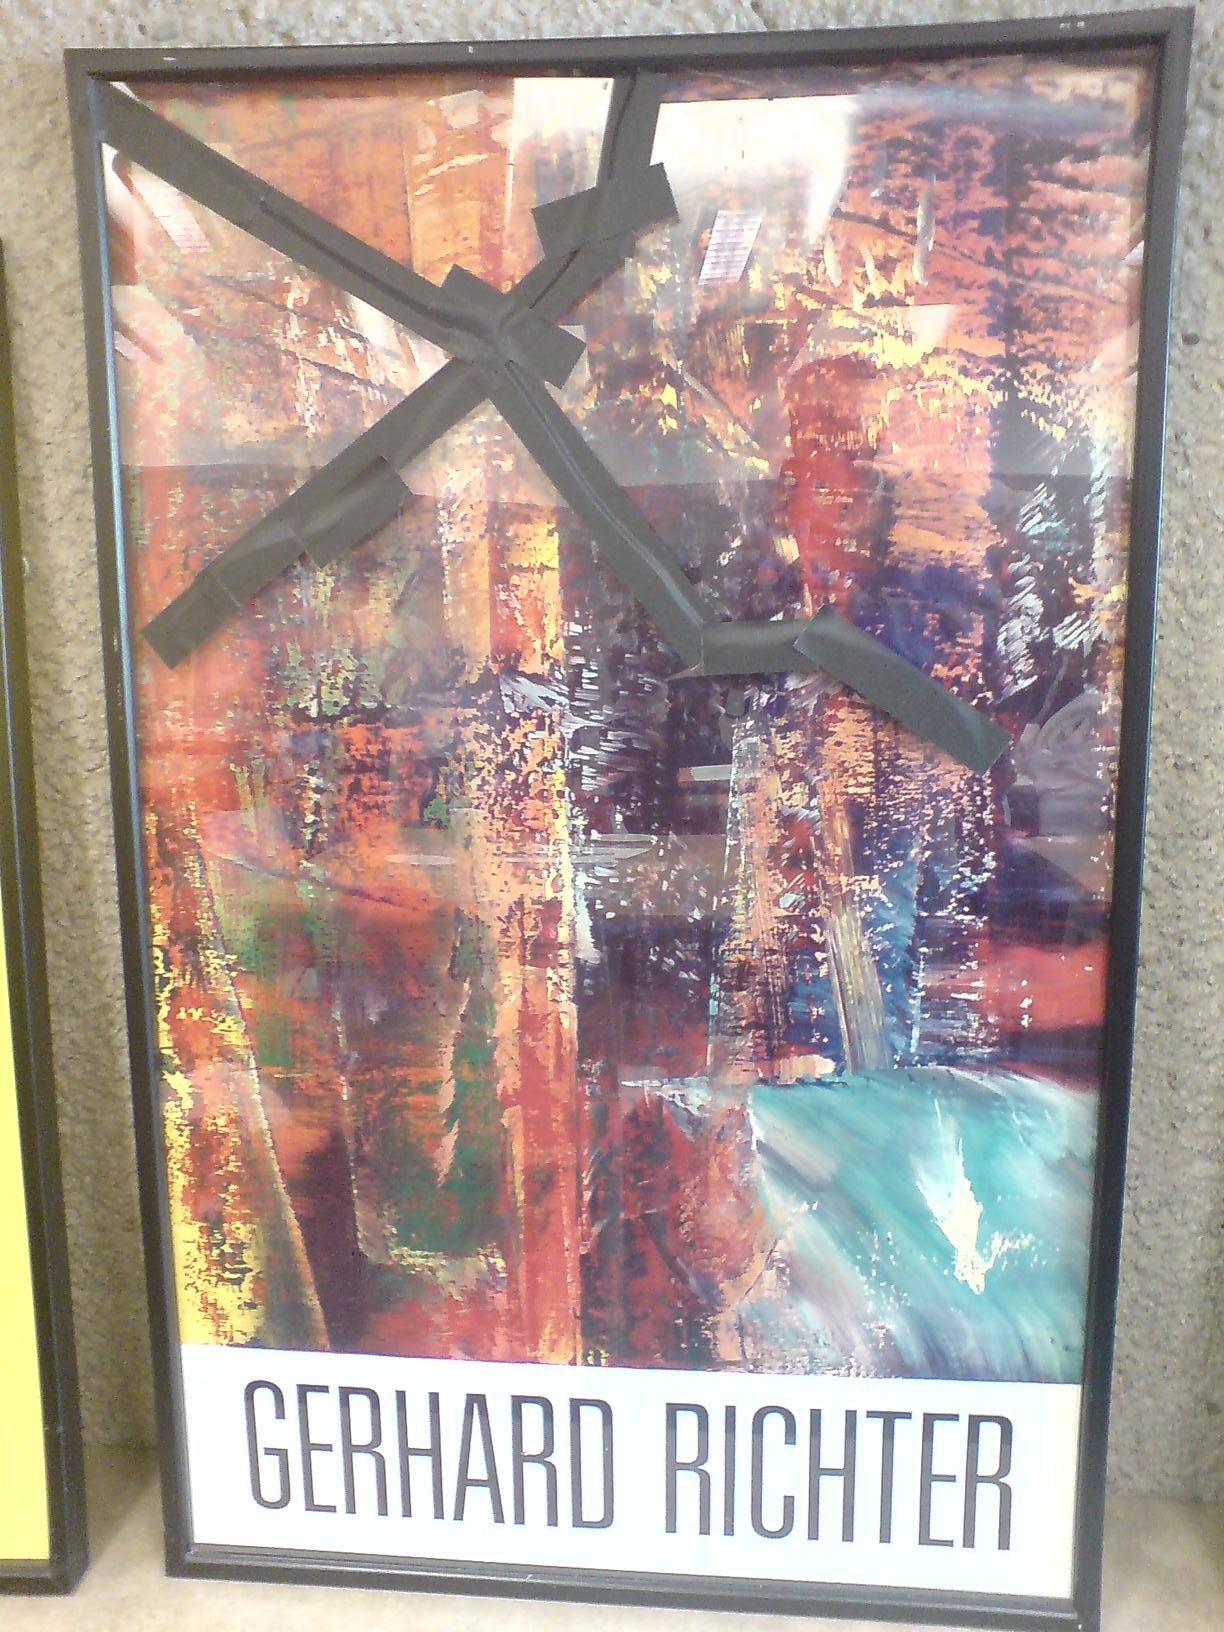 gerhard richter plakat